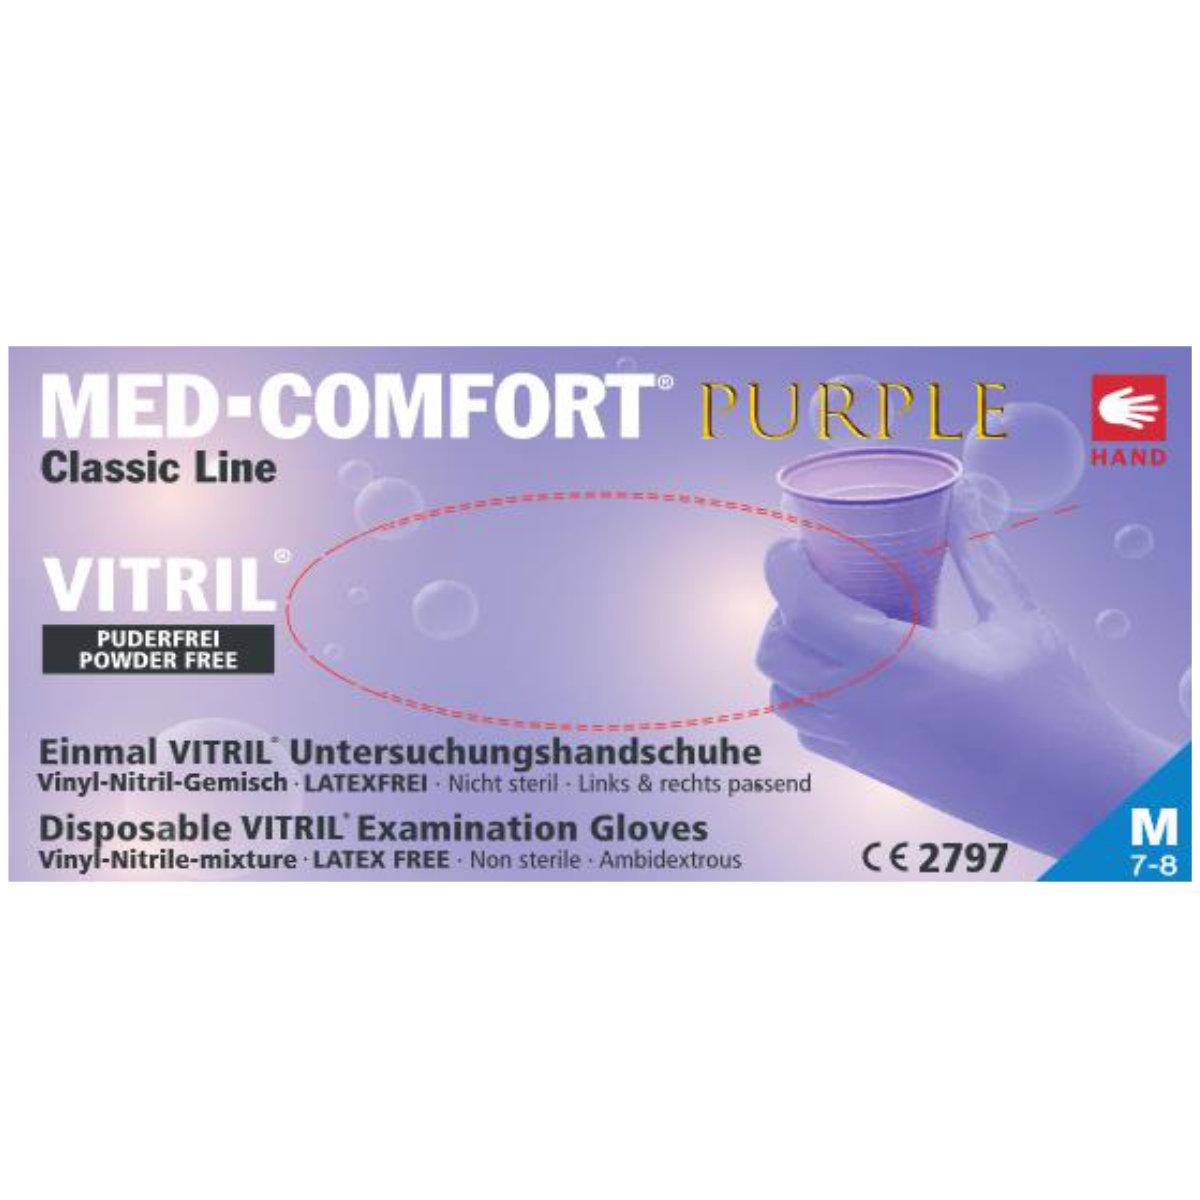 MED-Comfort Purple Vitril-Handschuhe